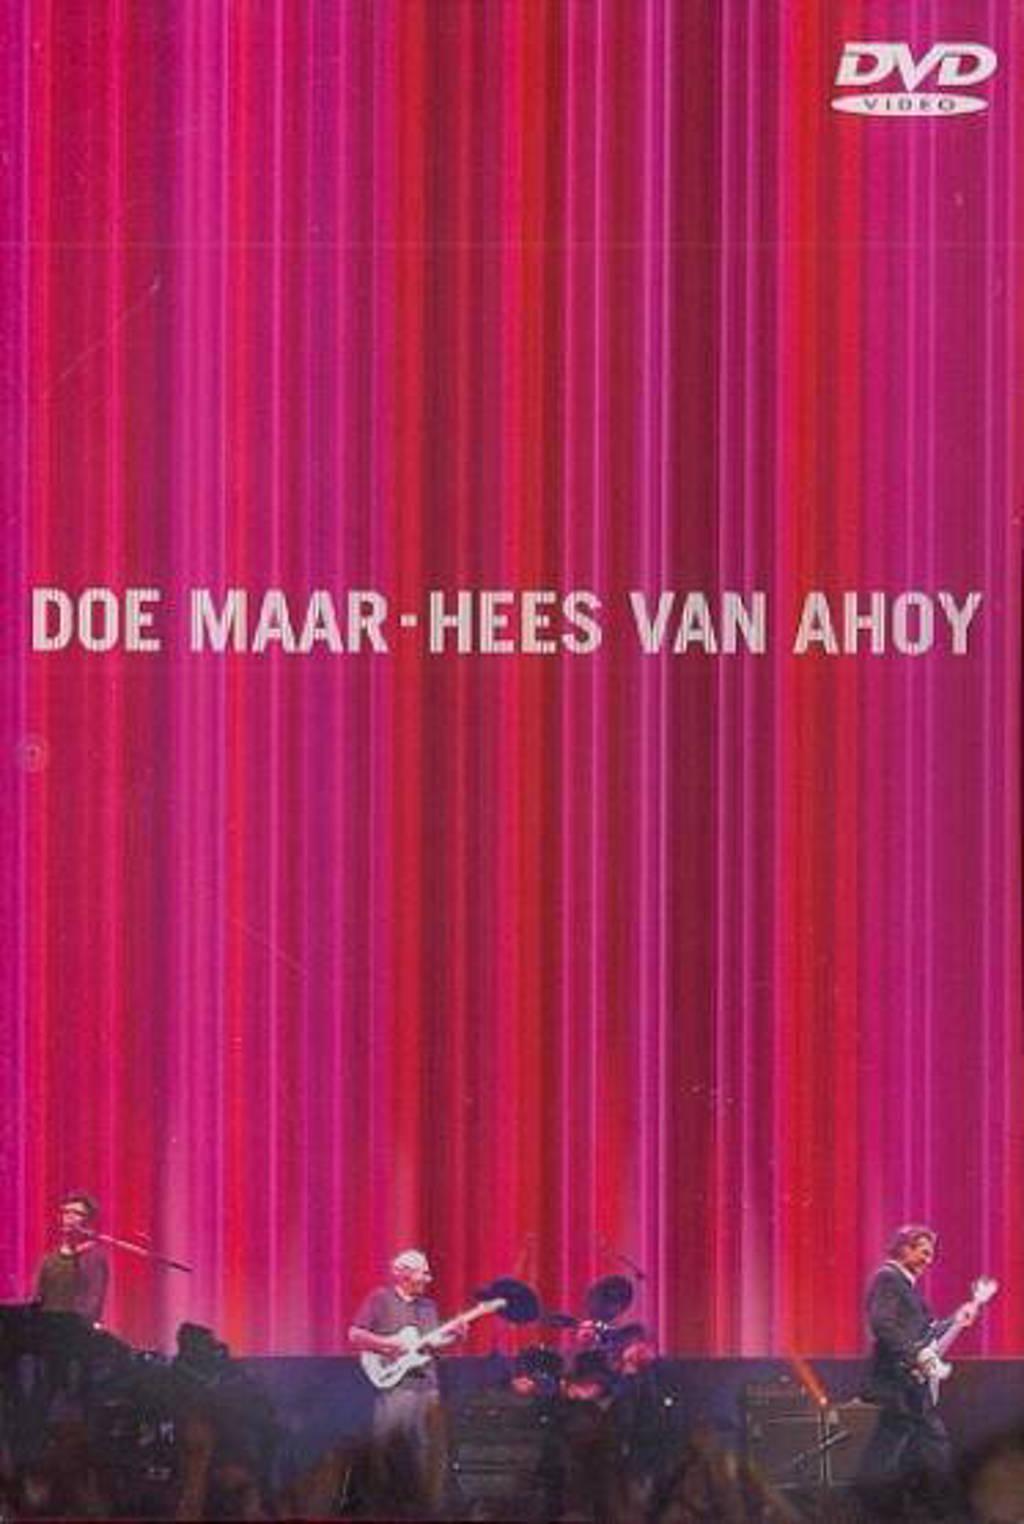 Doe Maar - Hees van Ahoy (DVD)